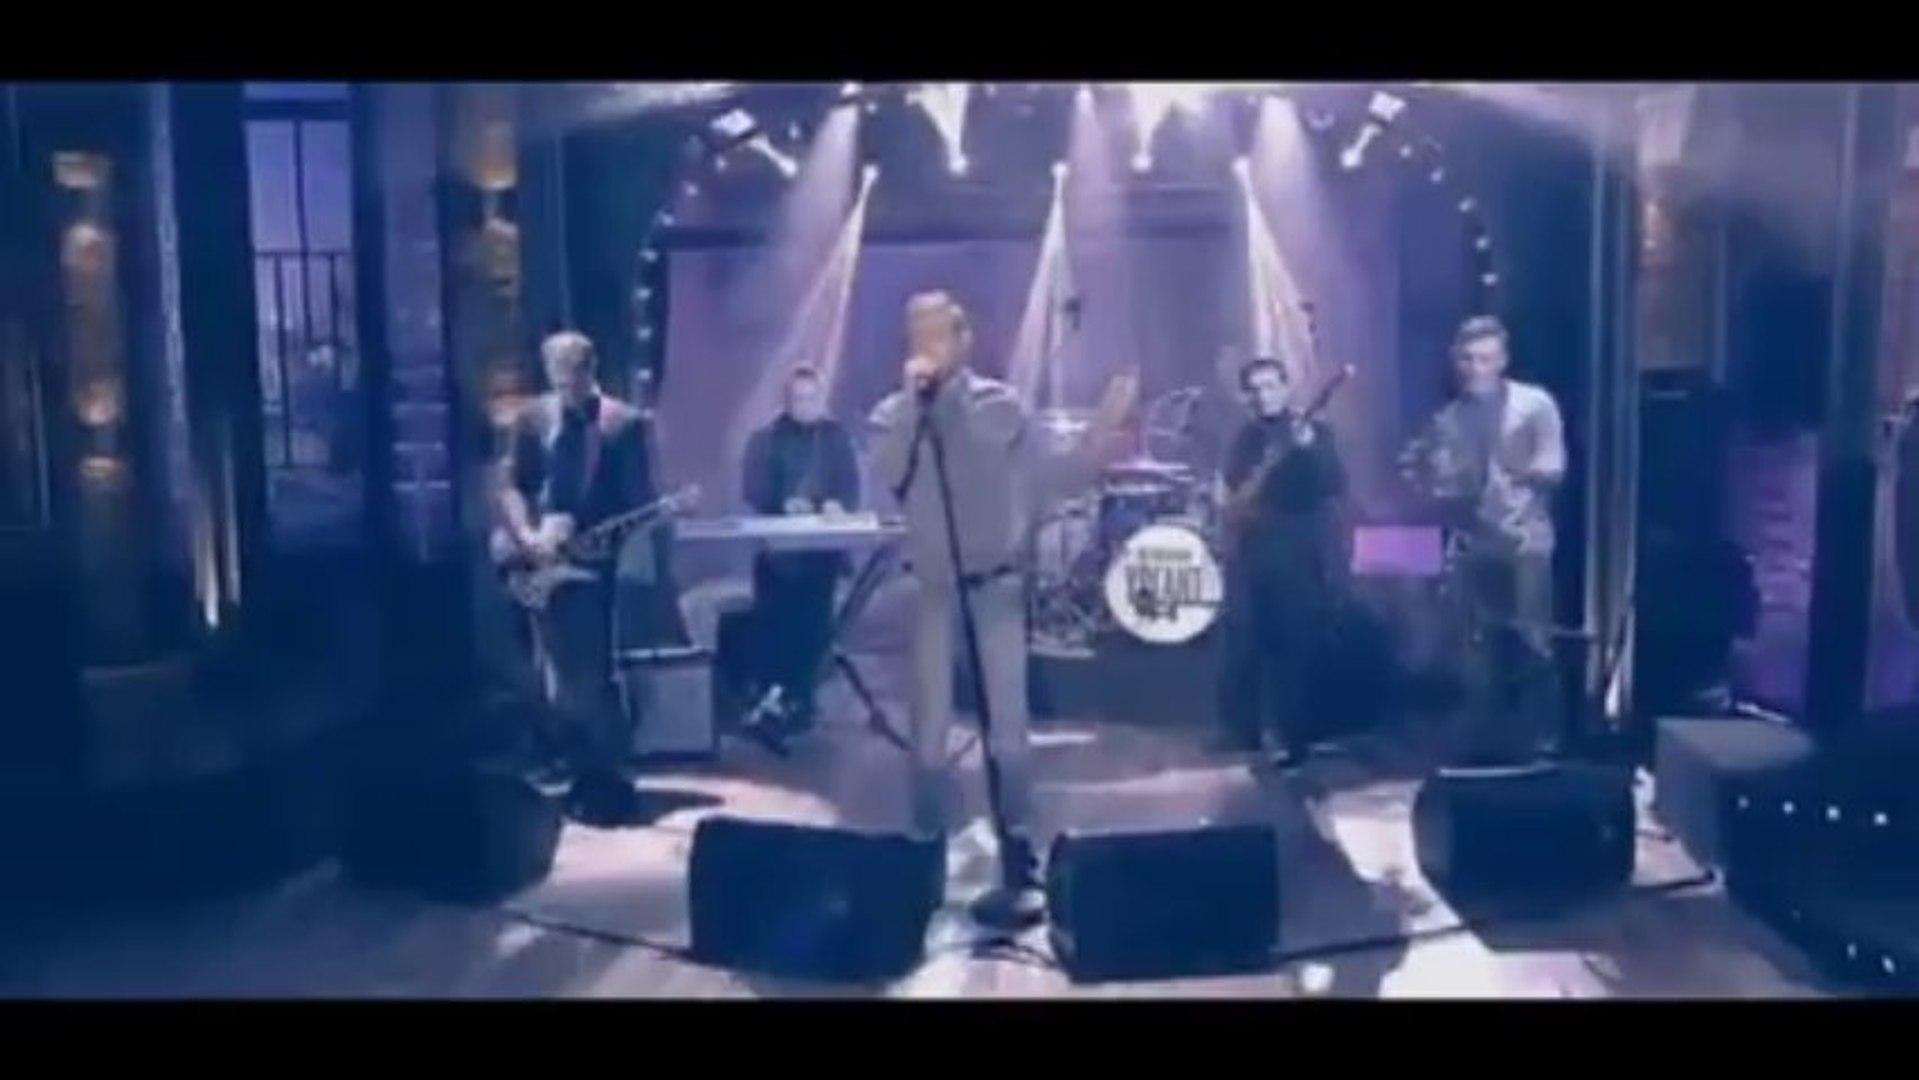 Иван Дорн - Целовать другого (Live @ Вечерний Ургант 2013) download HD